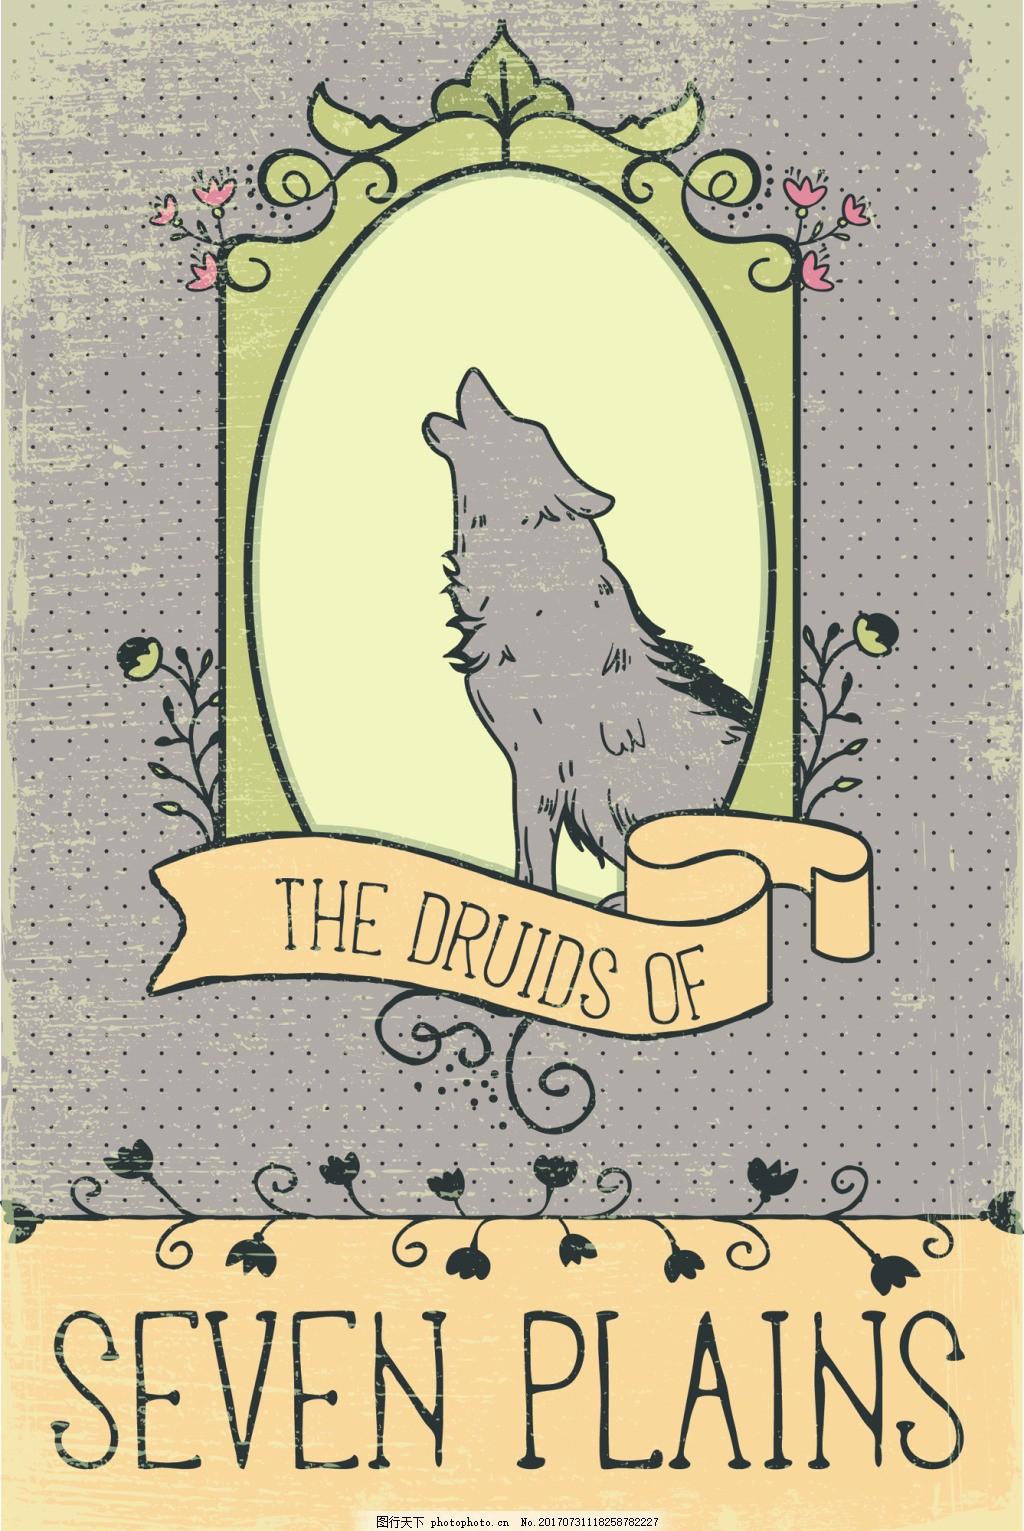 矢量灰狼设计素材 动物 狼吼 源文件 平面设计素材 图标元素 创意设计